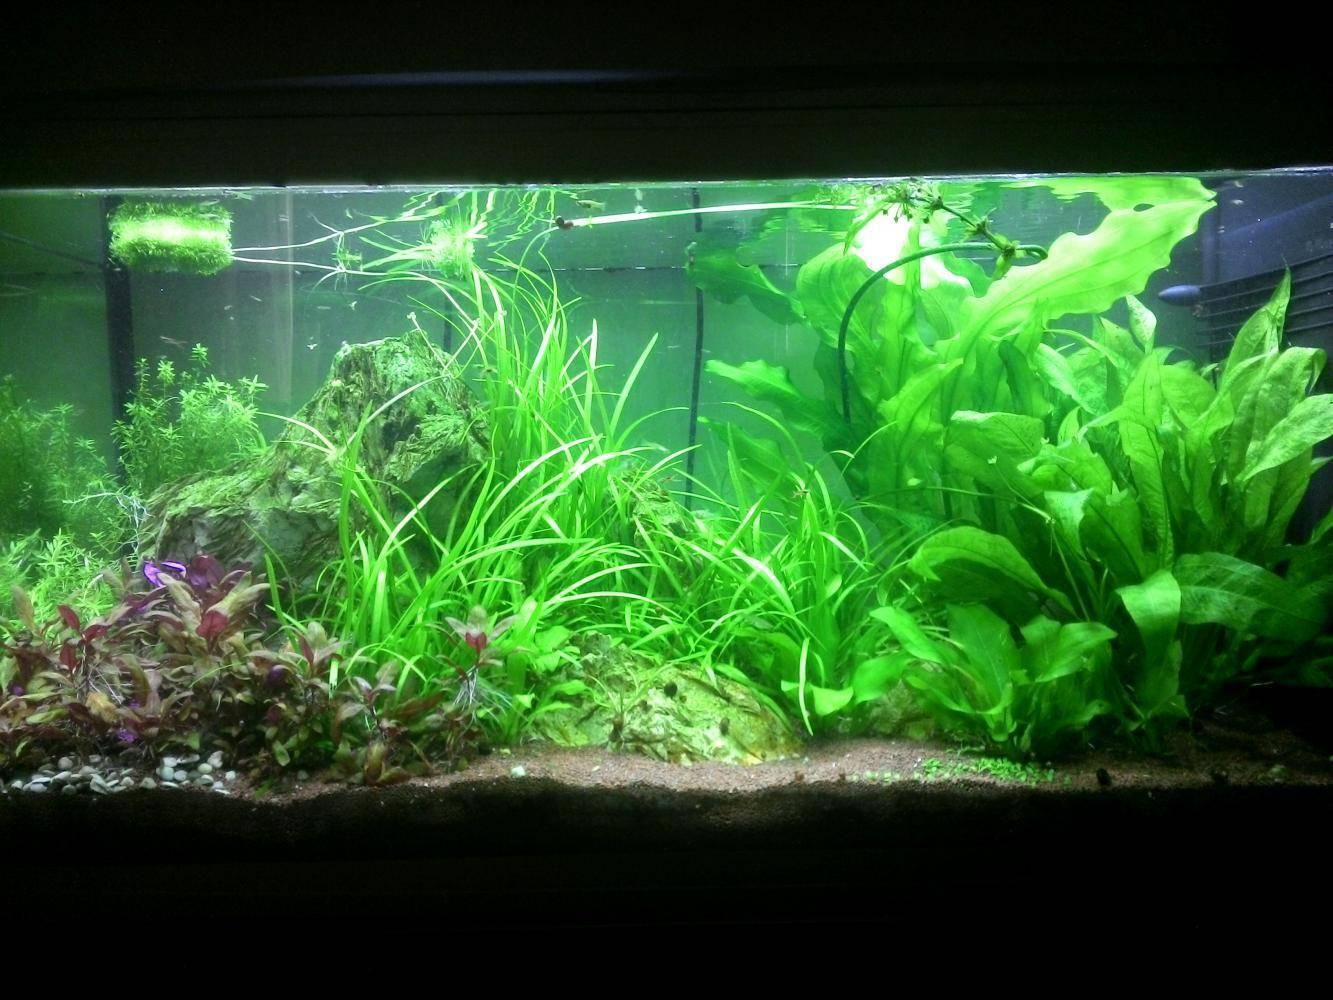 Освещение аквариума светодиодными прожекторами: как подобрать, рассчитать, закрепить и сделать самому светильник для аквариума и травника